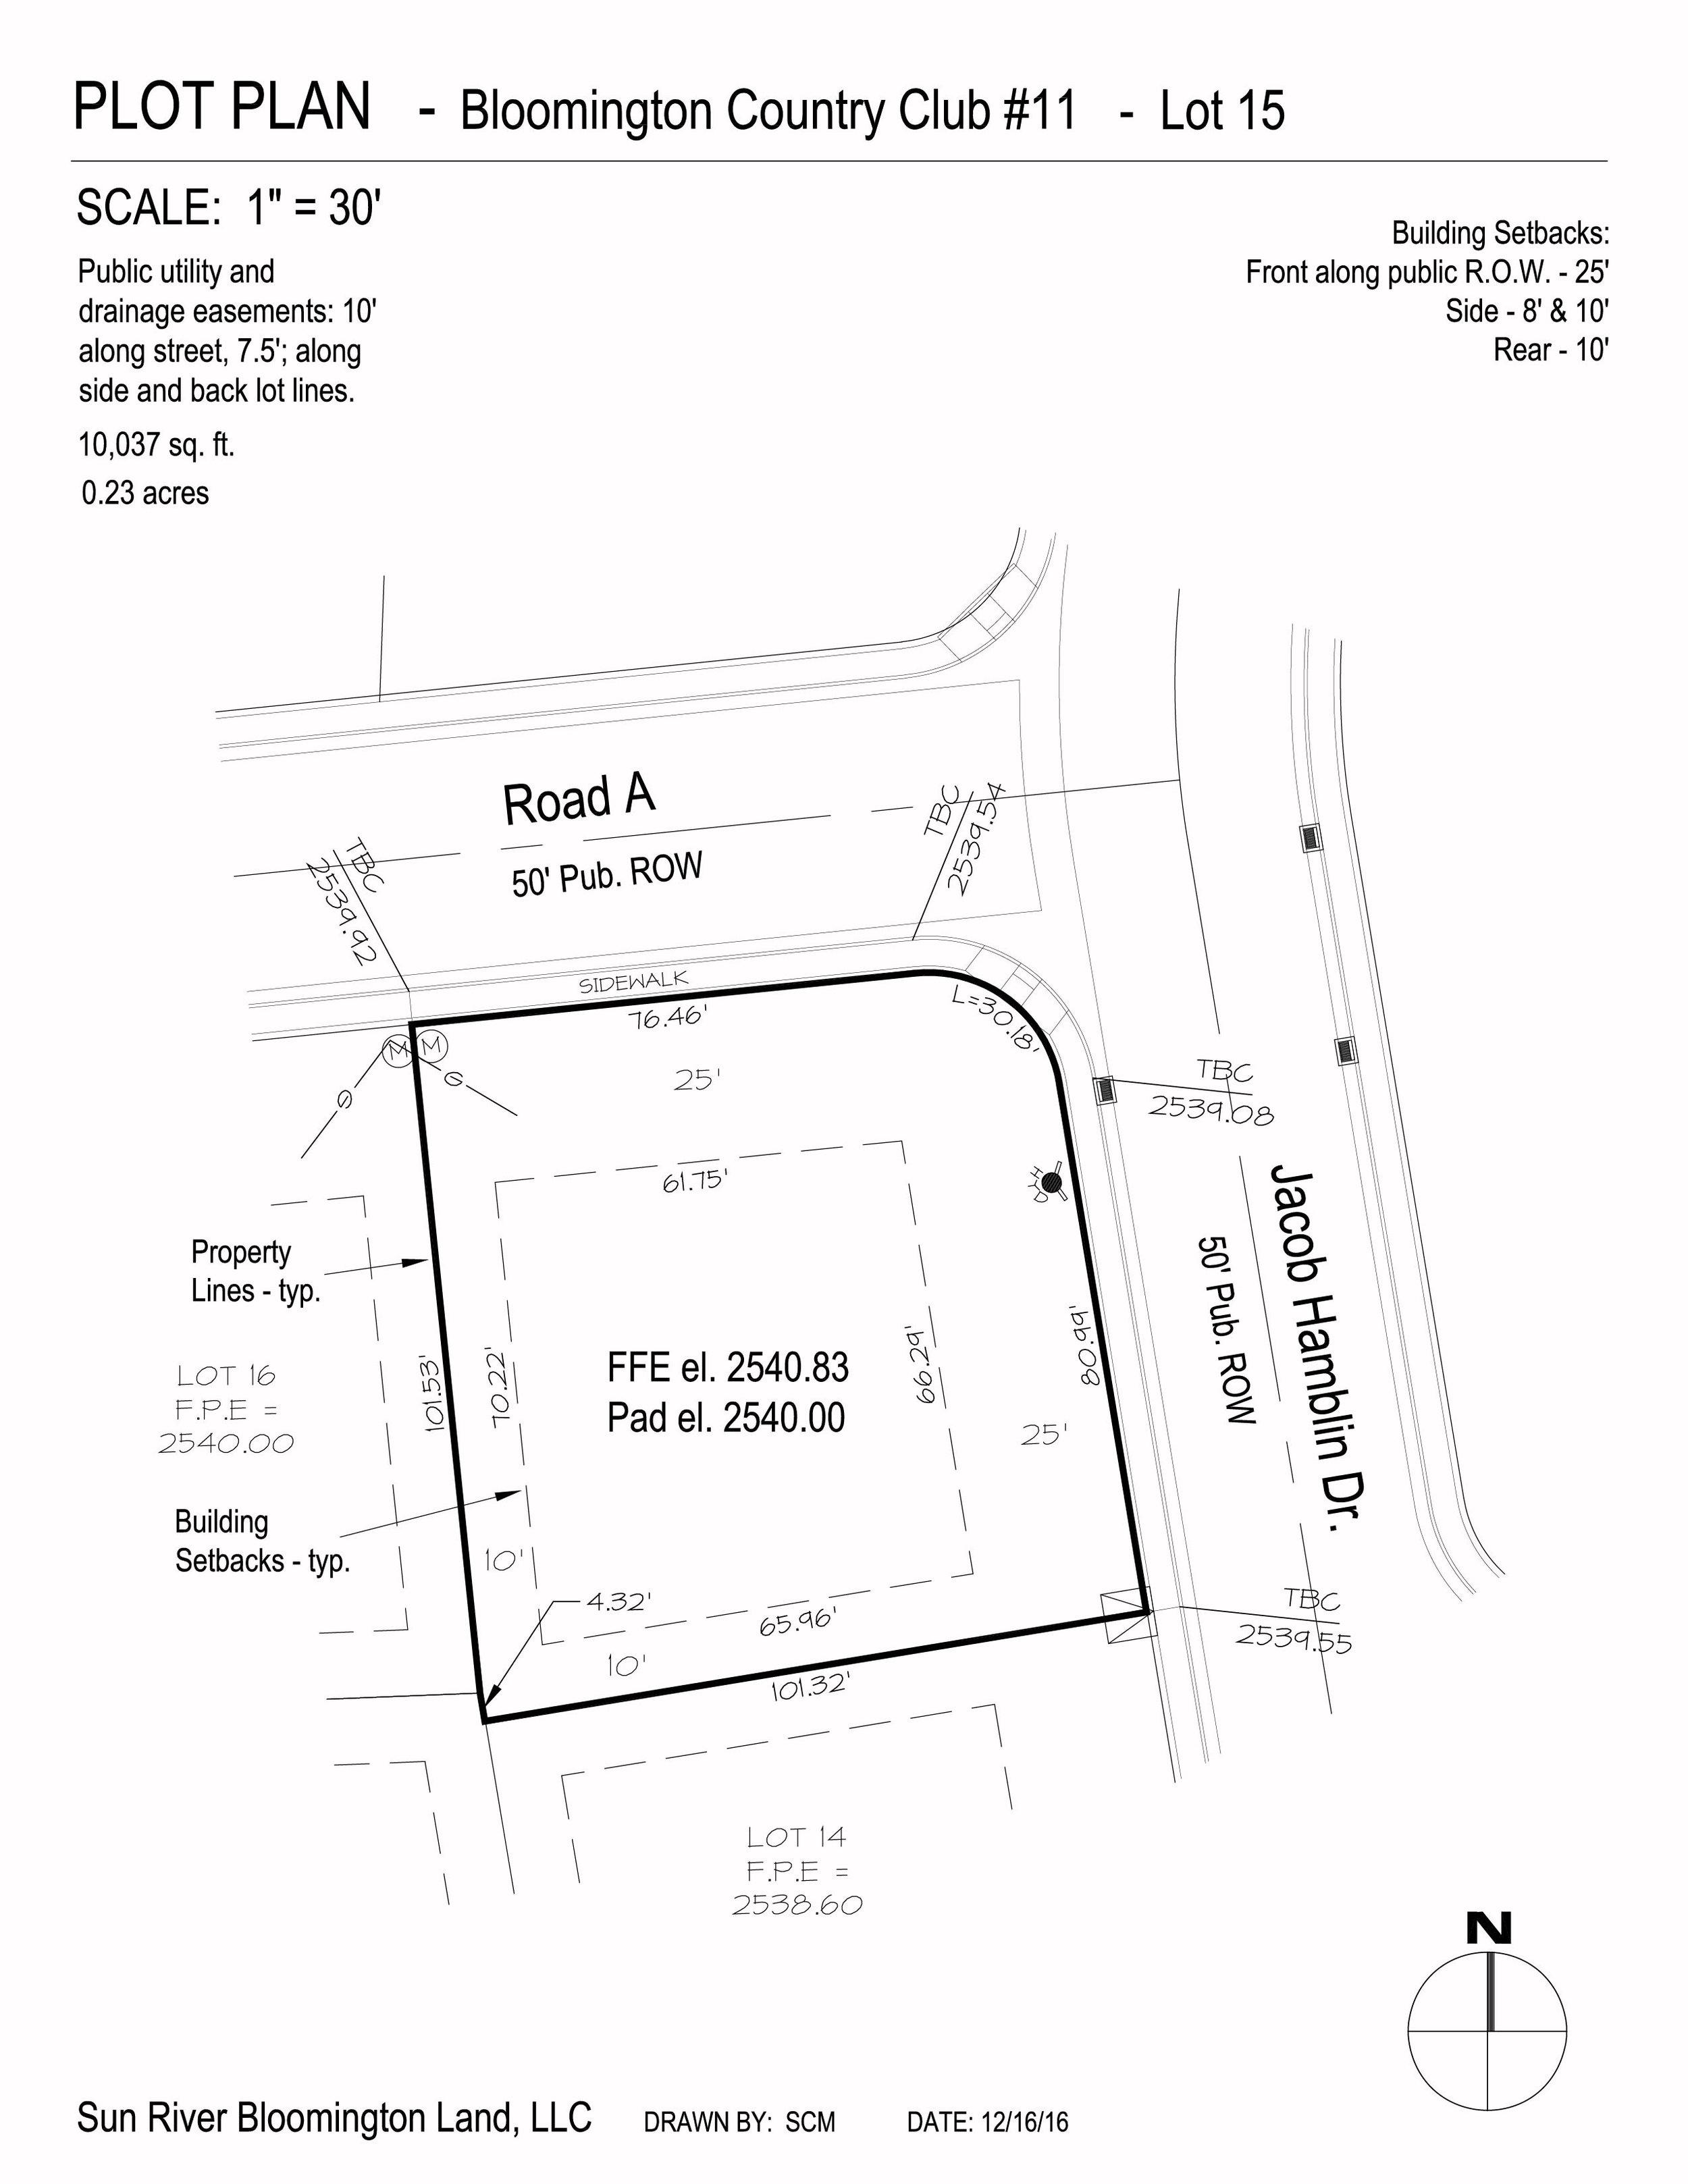 hamblin plot plans-15.jpg